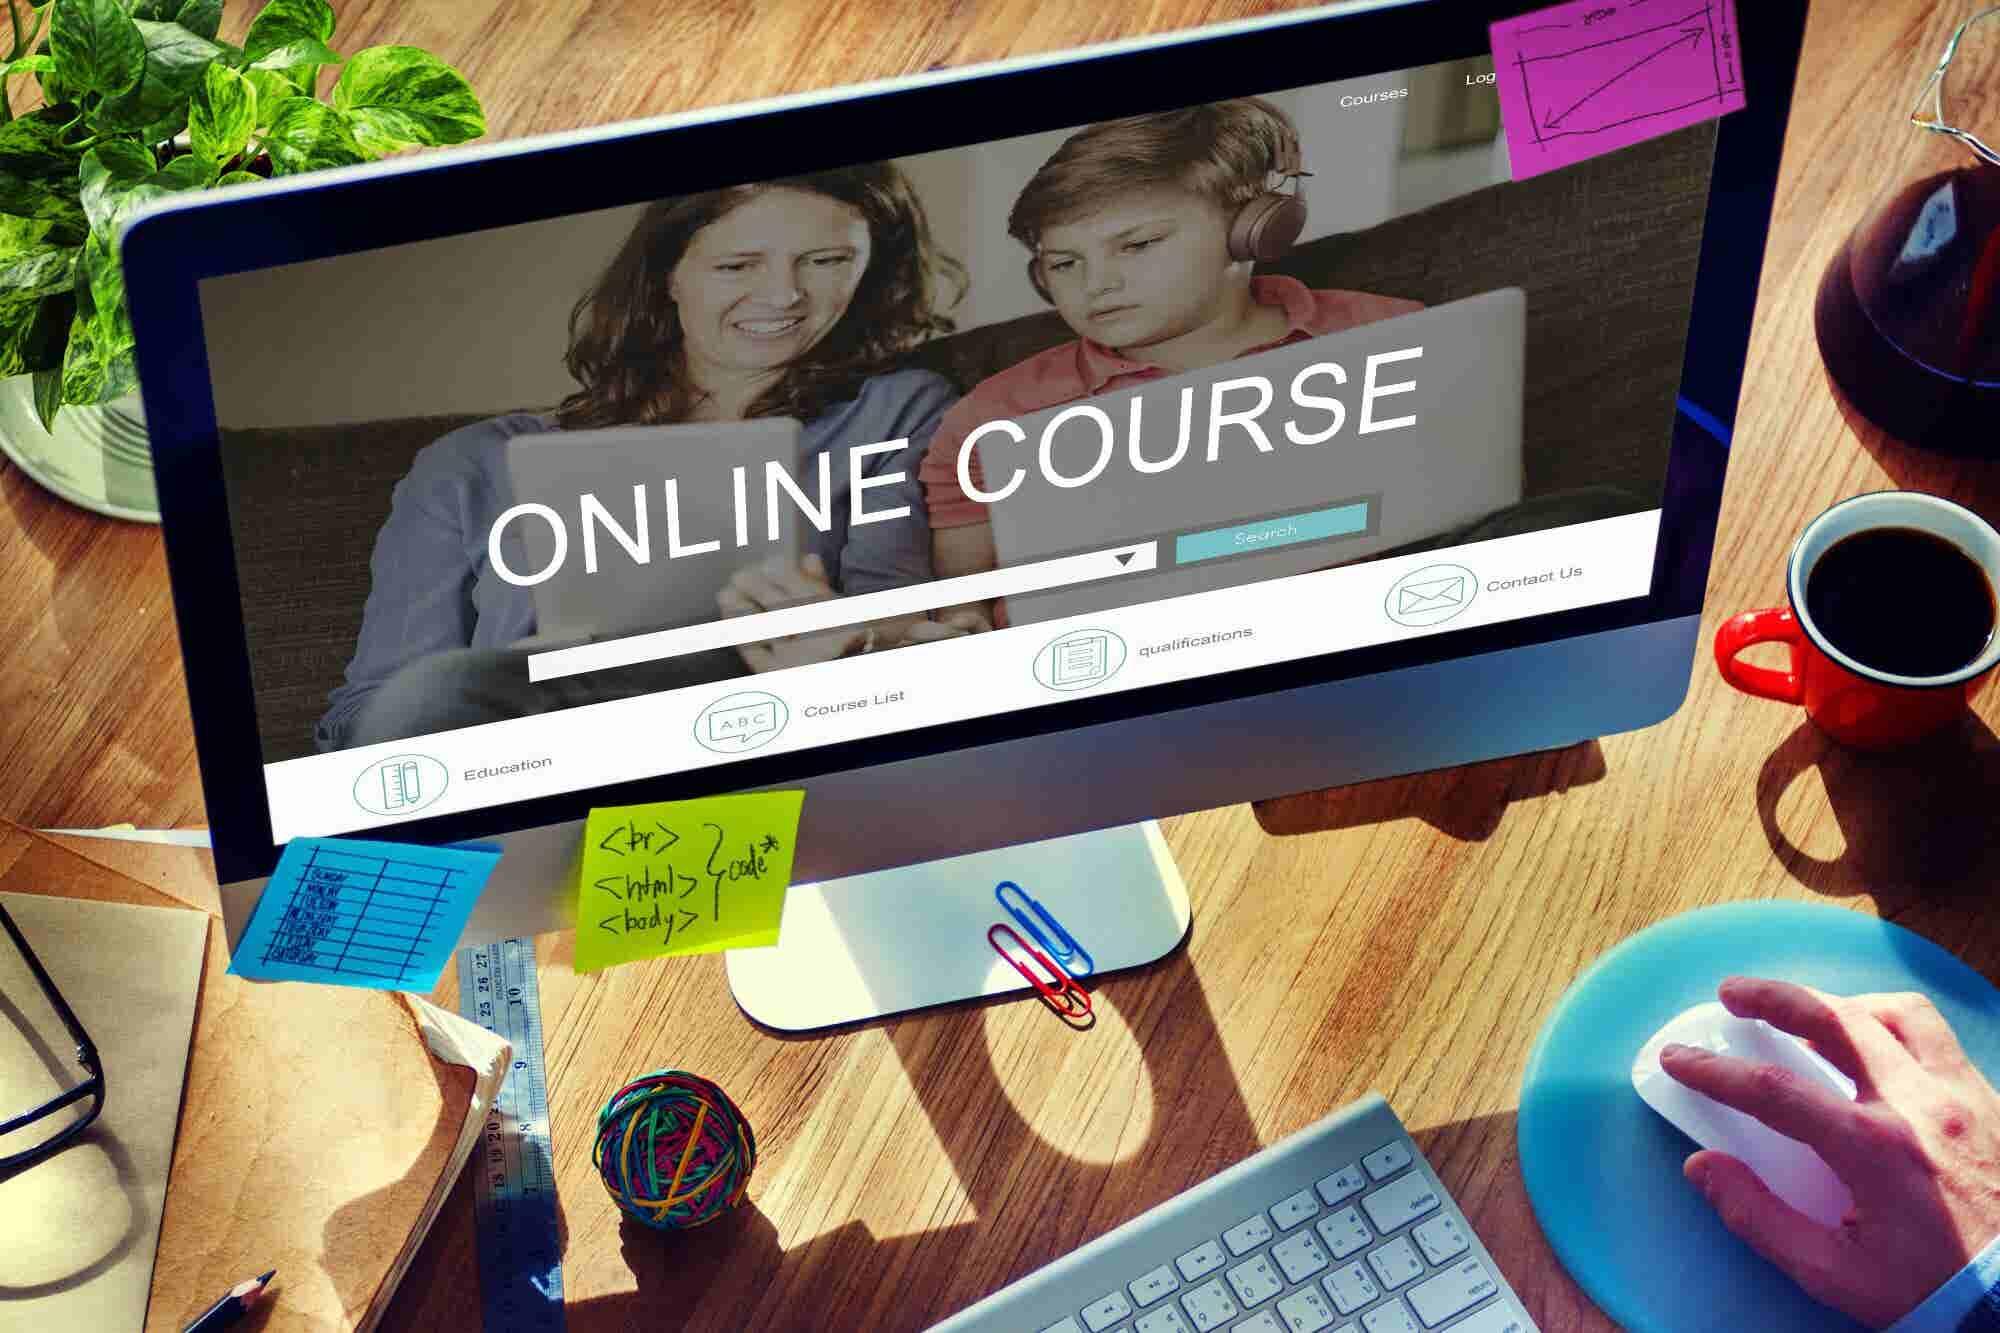 Conoce estos 5 cursos gratuitos online que puedes tomar para mejorar tus habilidades emprendedoras